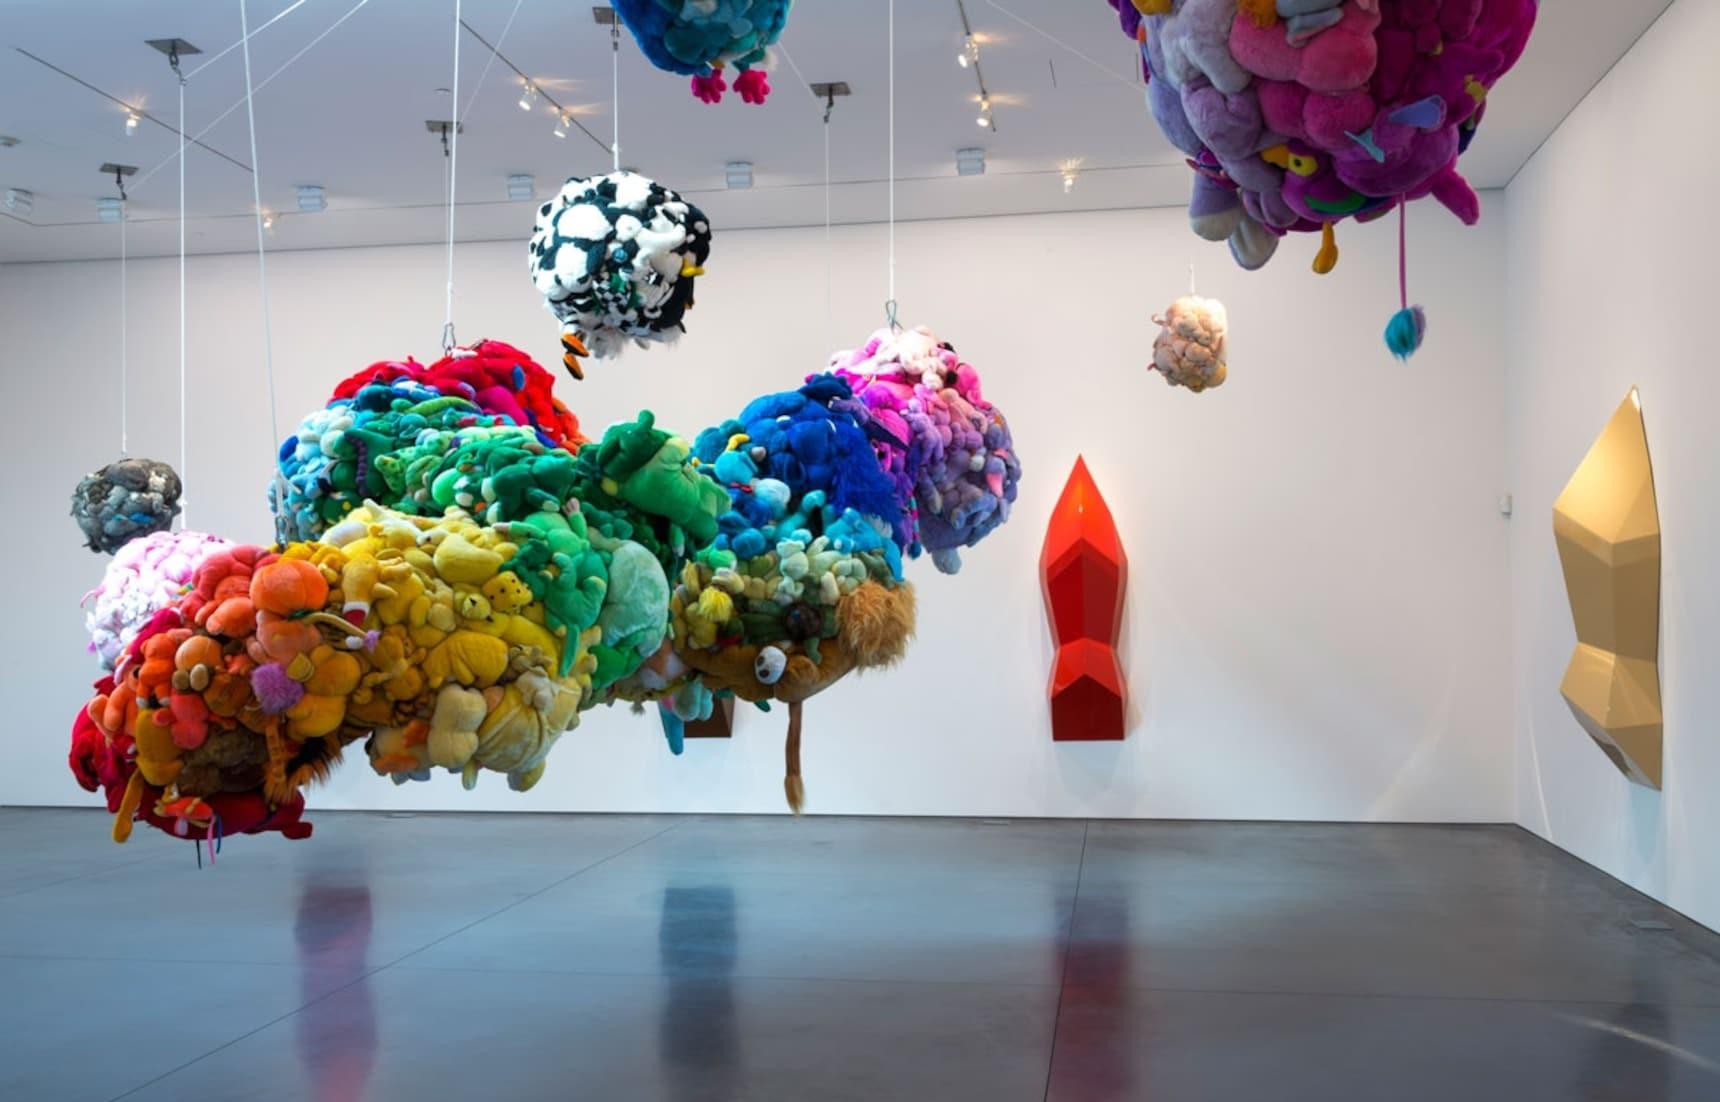 '숨 쉬는 예술의 도시'에서 만나는 최첨단 현대 예술 갤러리